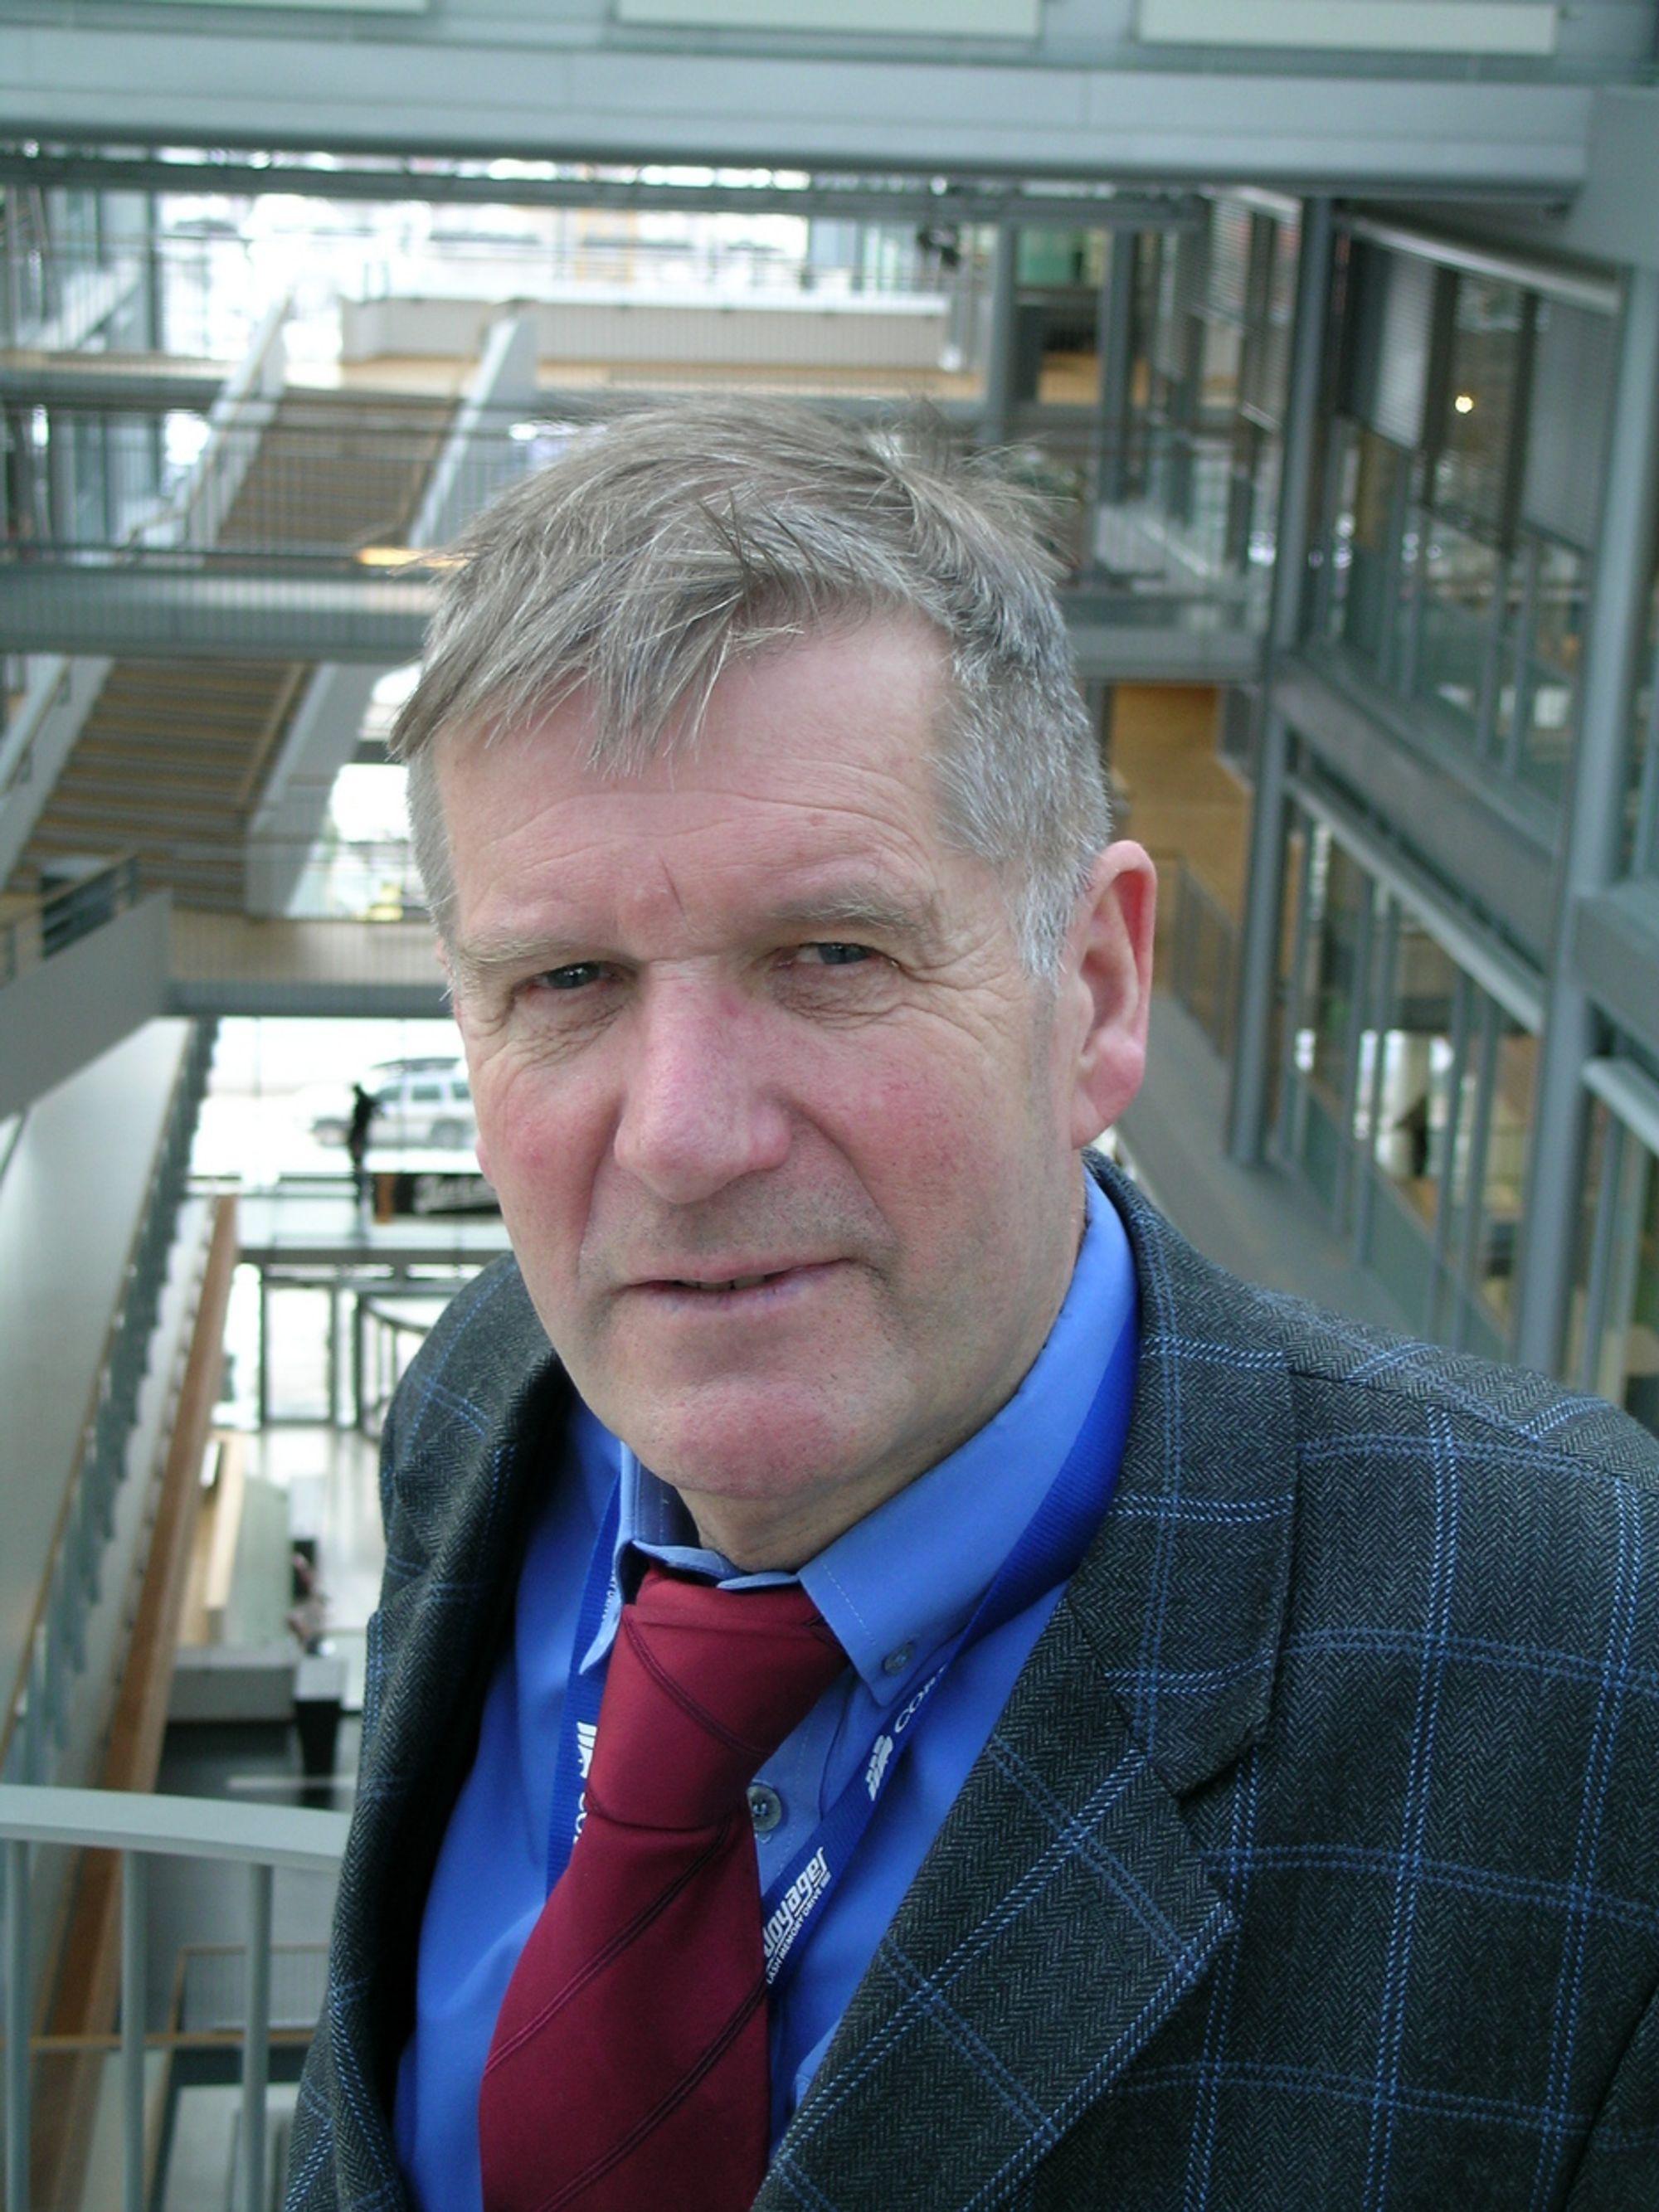 INTERNASJONALT: Øystein Noreng, professor i petroleumsøkonomi, er ansvarlig for det nye masterprogrammet i energiledelse ved Handelshøyskolen BI.